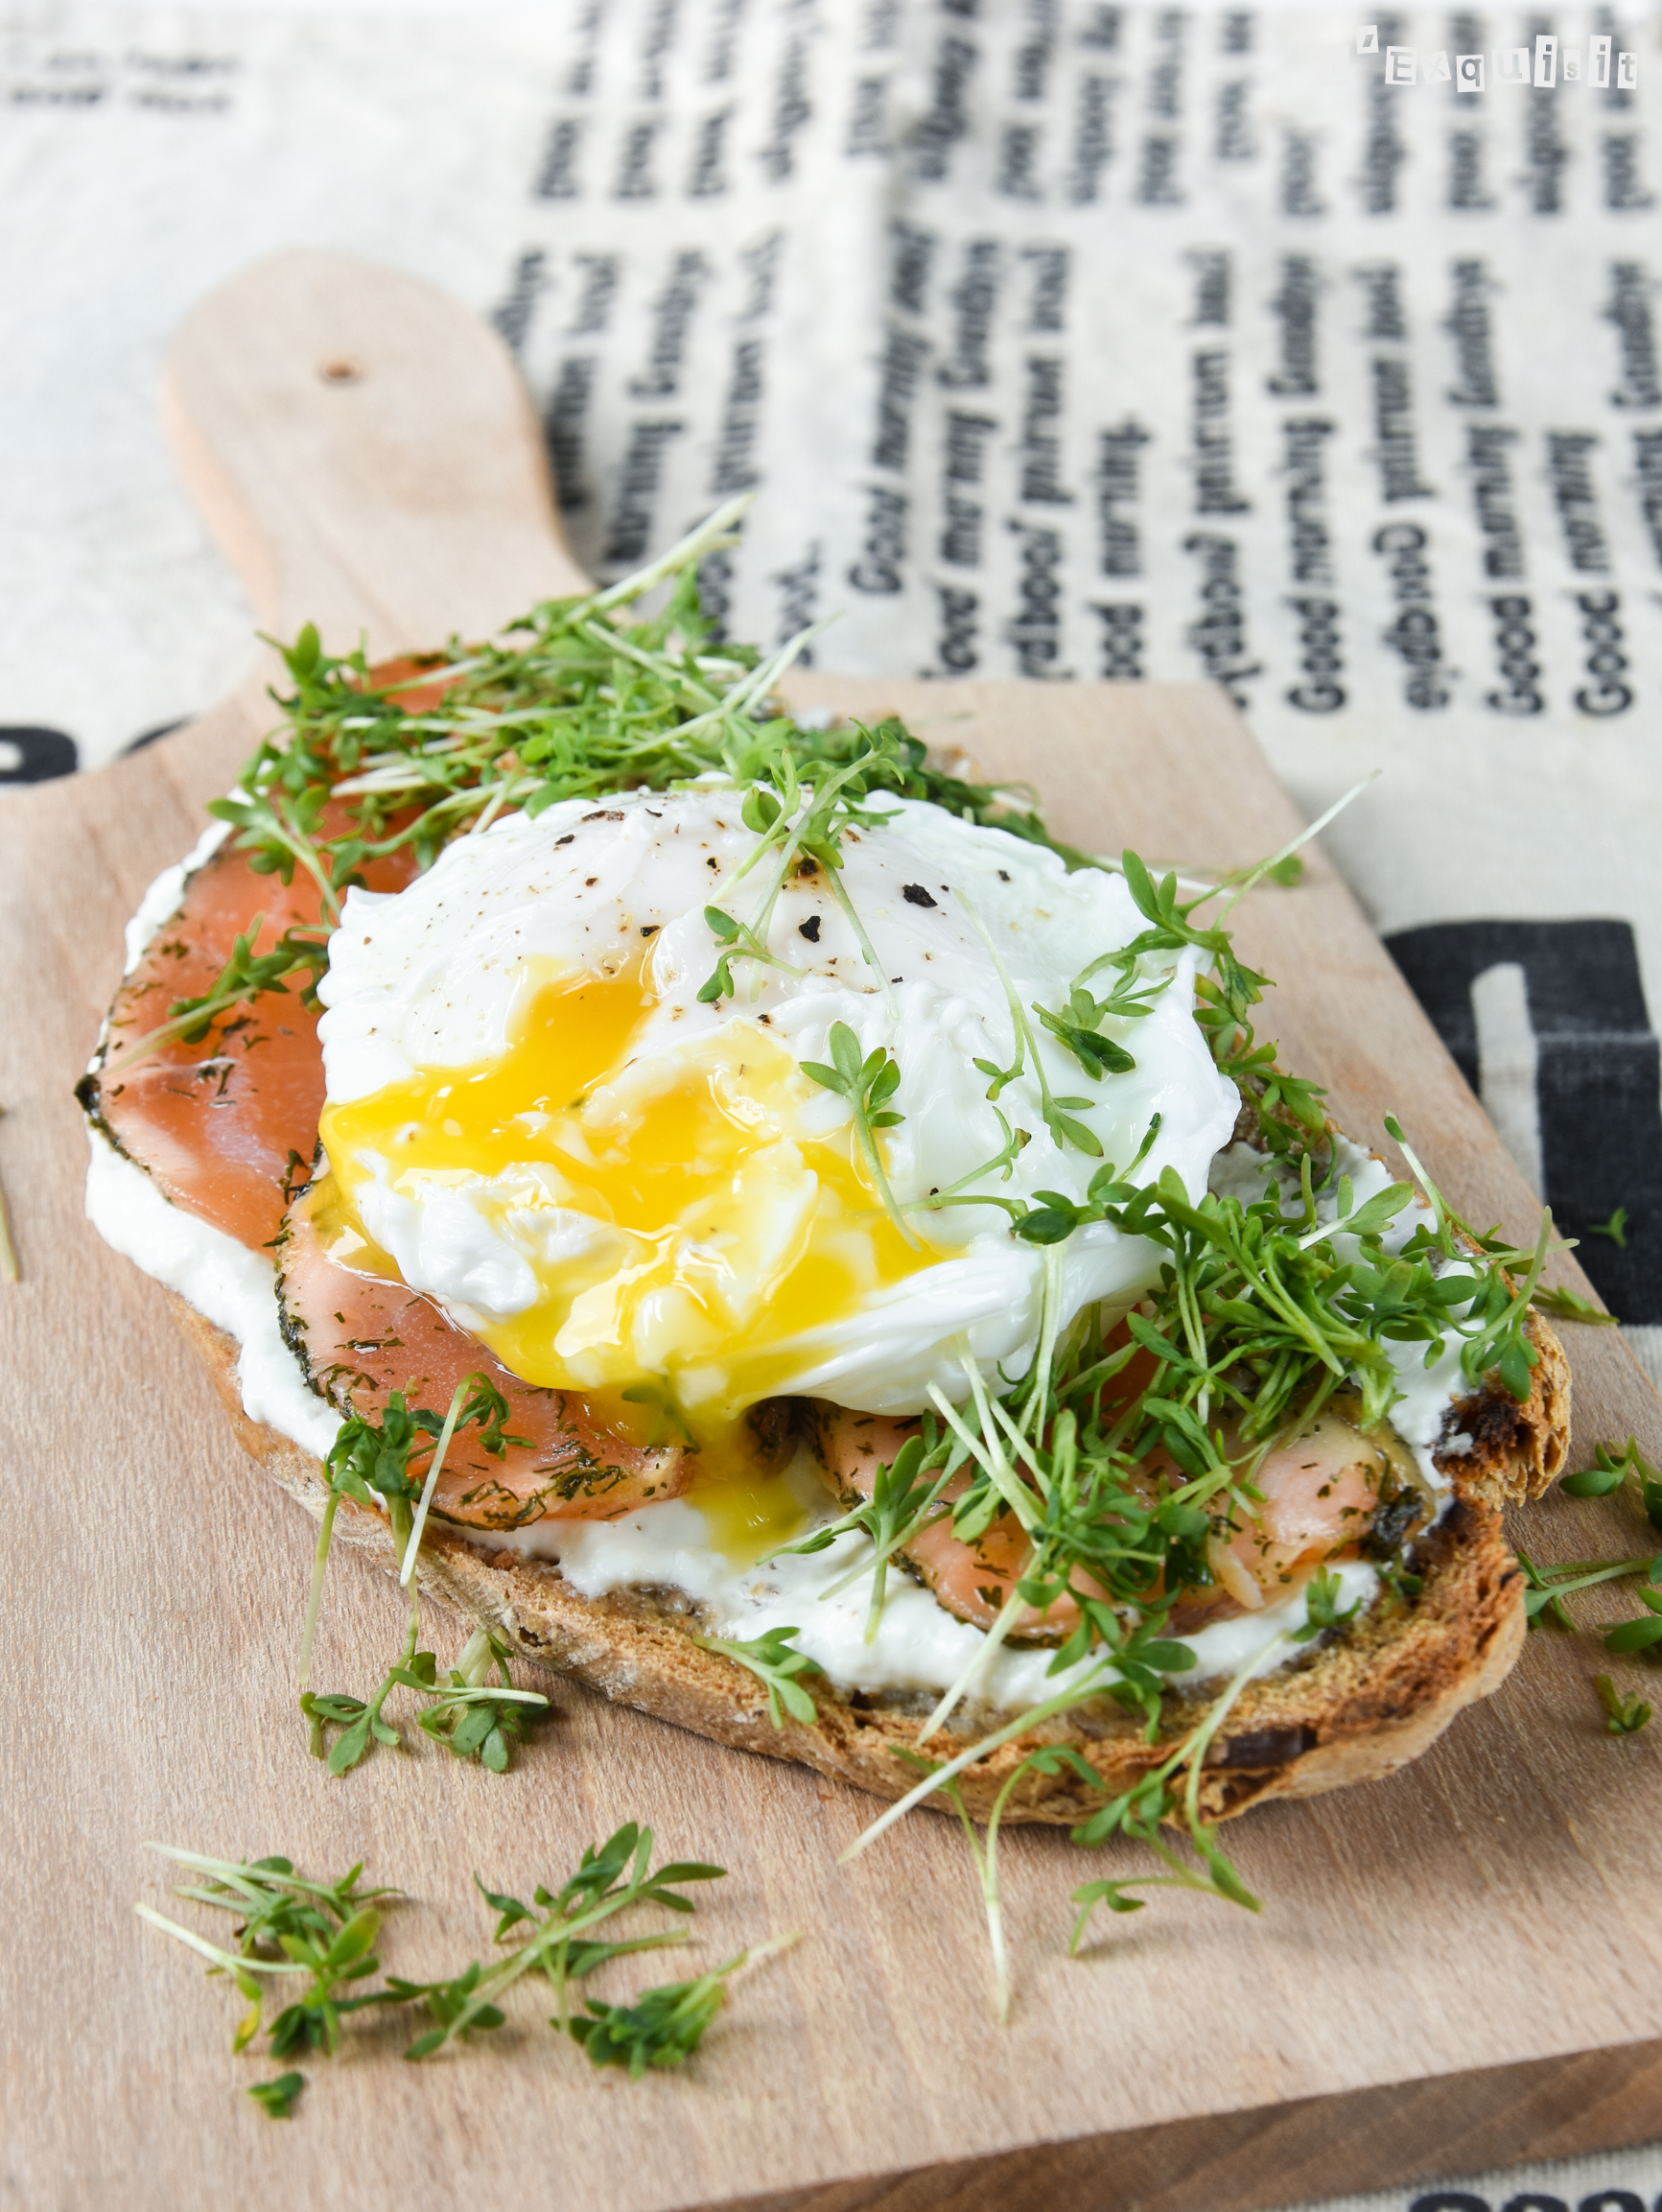 Tostada con salmón ahumado y huevo poché